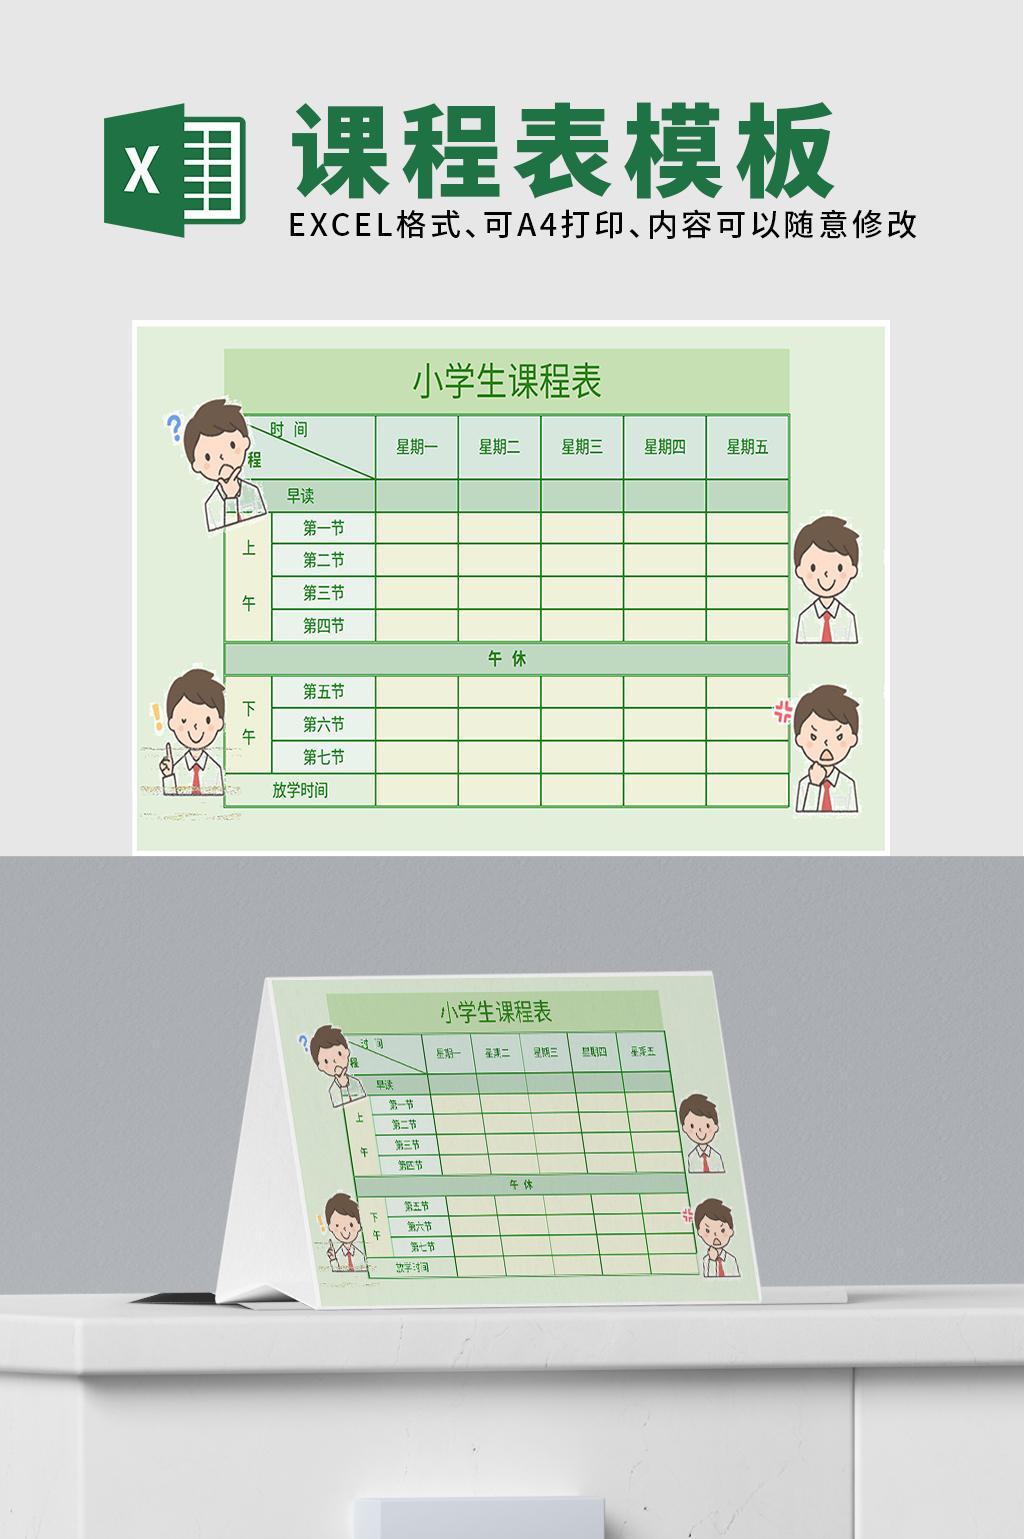 淡绿色清新简约可爱卡通风格课程表excel表格模板